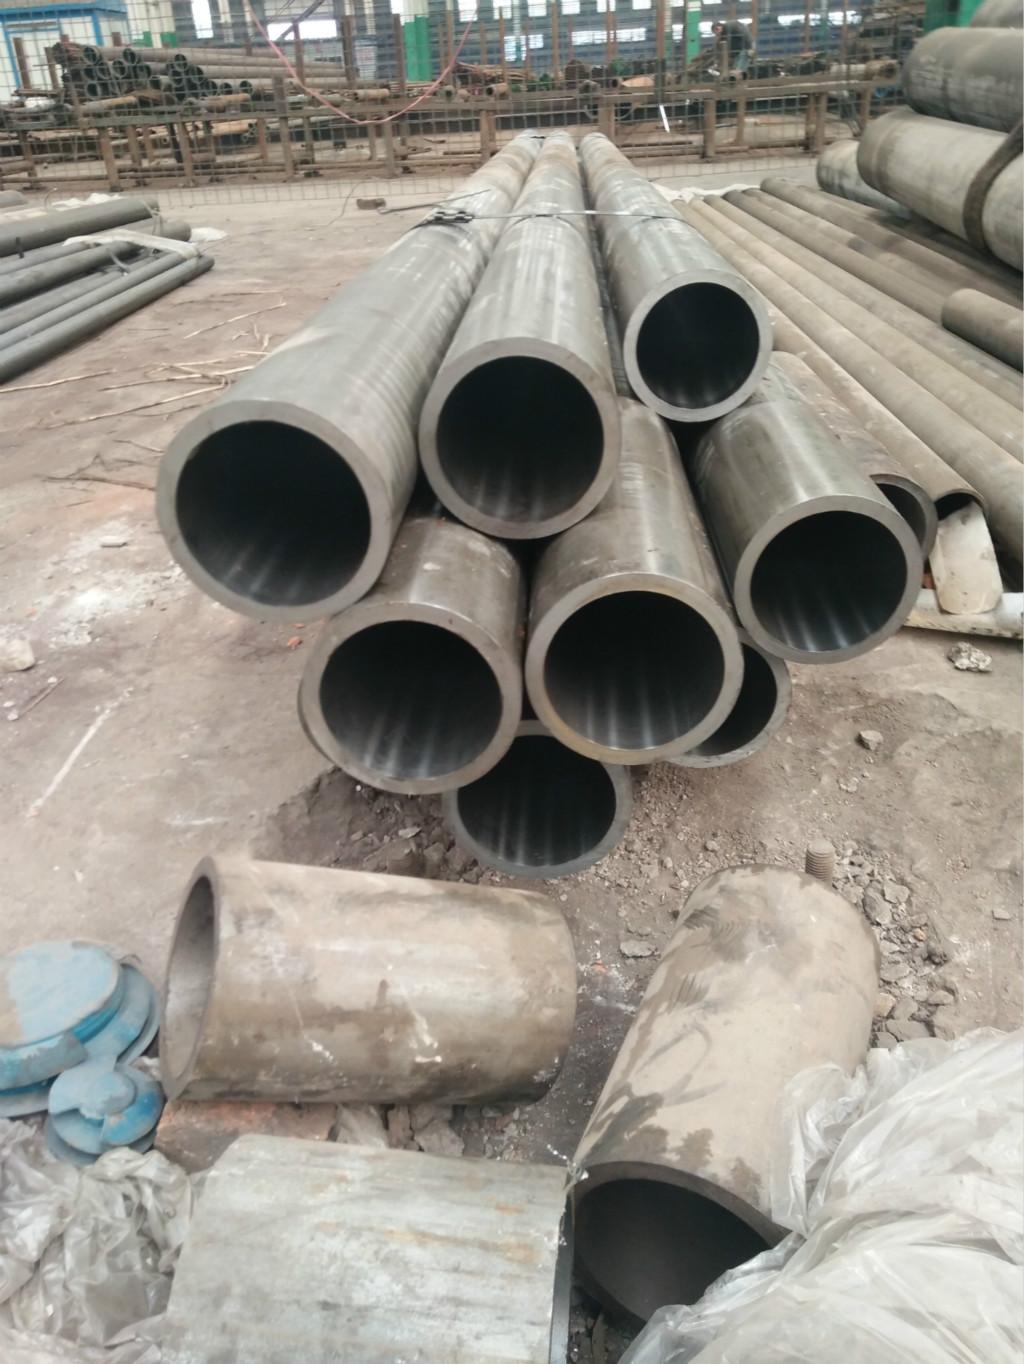 Die Dicken Mauer schleifen - walzen, zylinder, zylinder - zylinder - zylinder - kolben - bar 45# Edelstahl gebrandmarkt